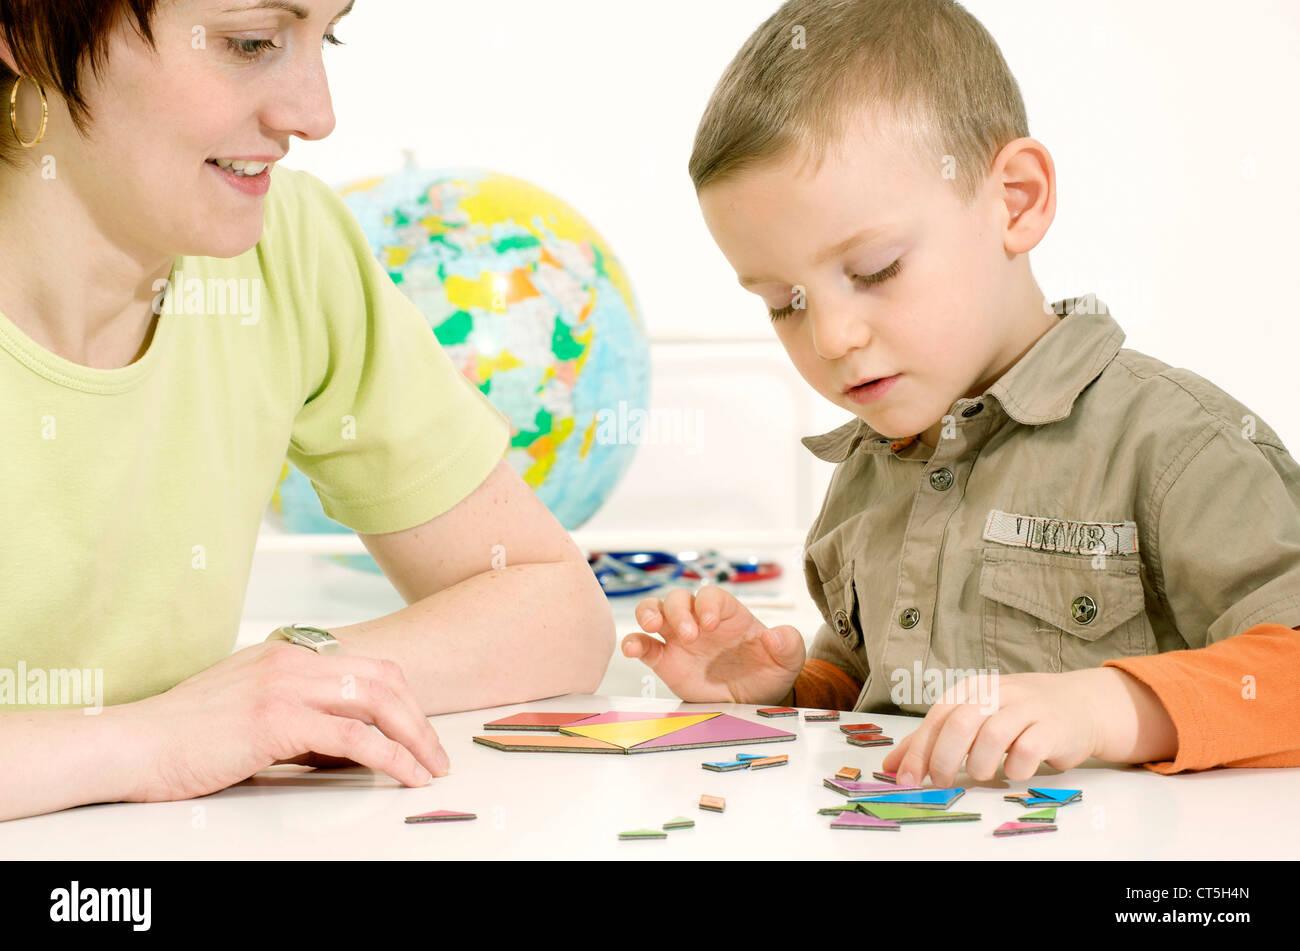 CHILD PSYCHOLOGY - Stock Image